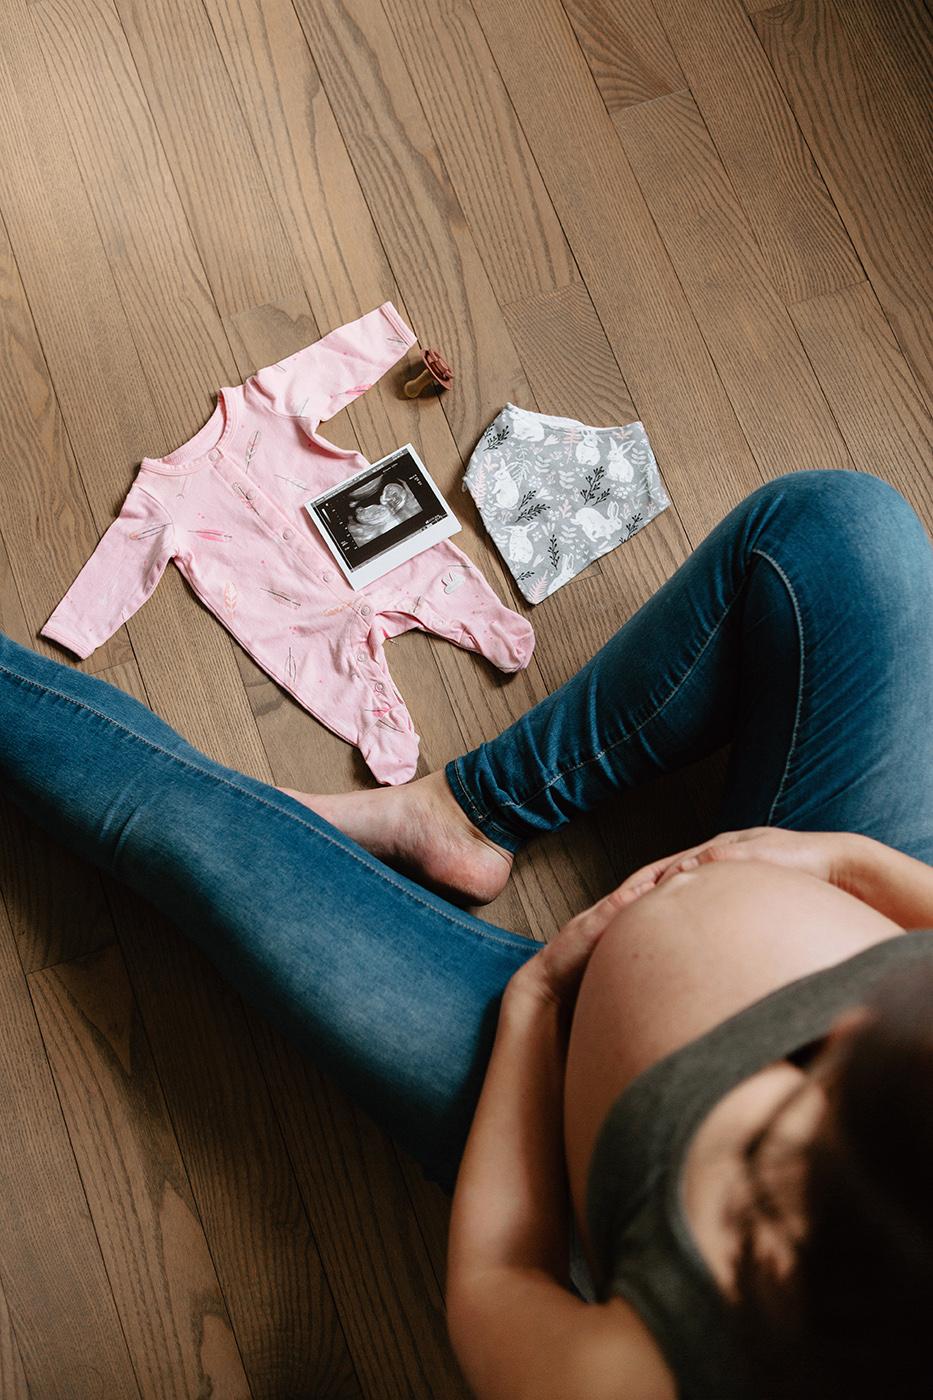 Photographe maternité à Montréal. Séance maternité à Montréal. Photographe lifestyle Montréal. Montreal maternity photographer. Montreal maternity photoshoot. Montreal lifestyle photographer | Lisa-Marie Savard Photographie | Montréal, Québec | www.lisamariesavard.com